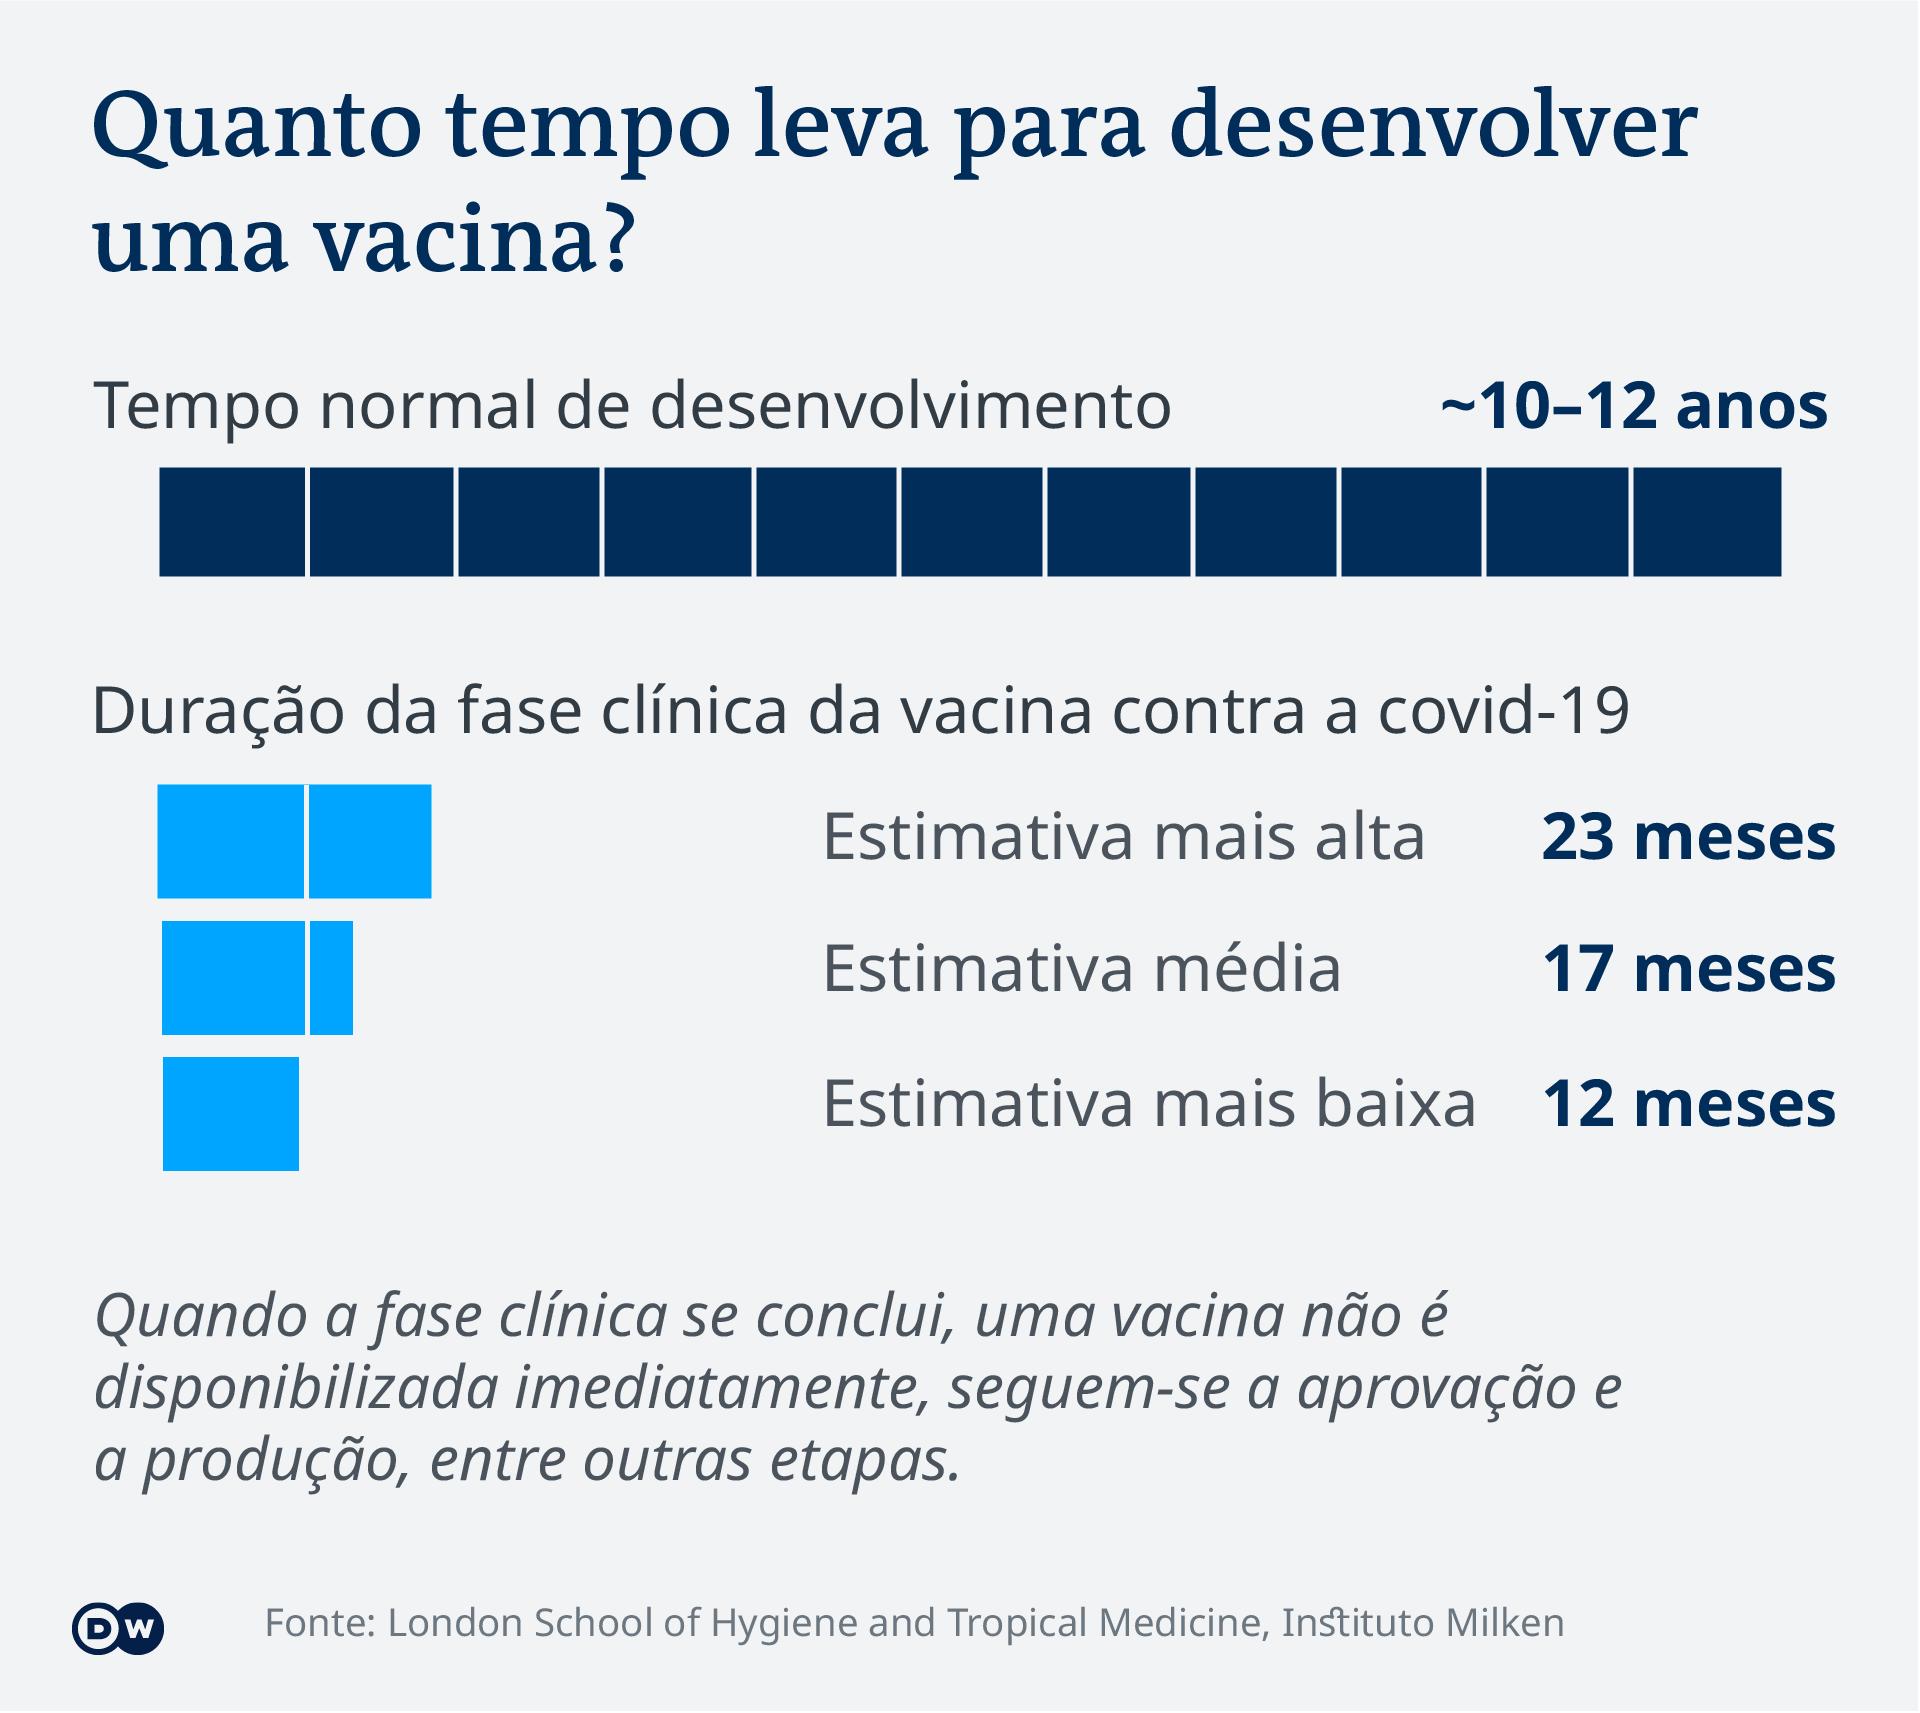 Infográfico Tempo para desenvolver vacinas anti-covid